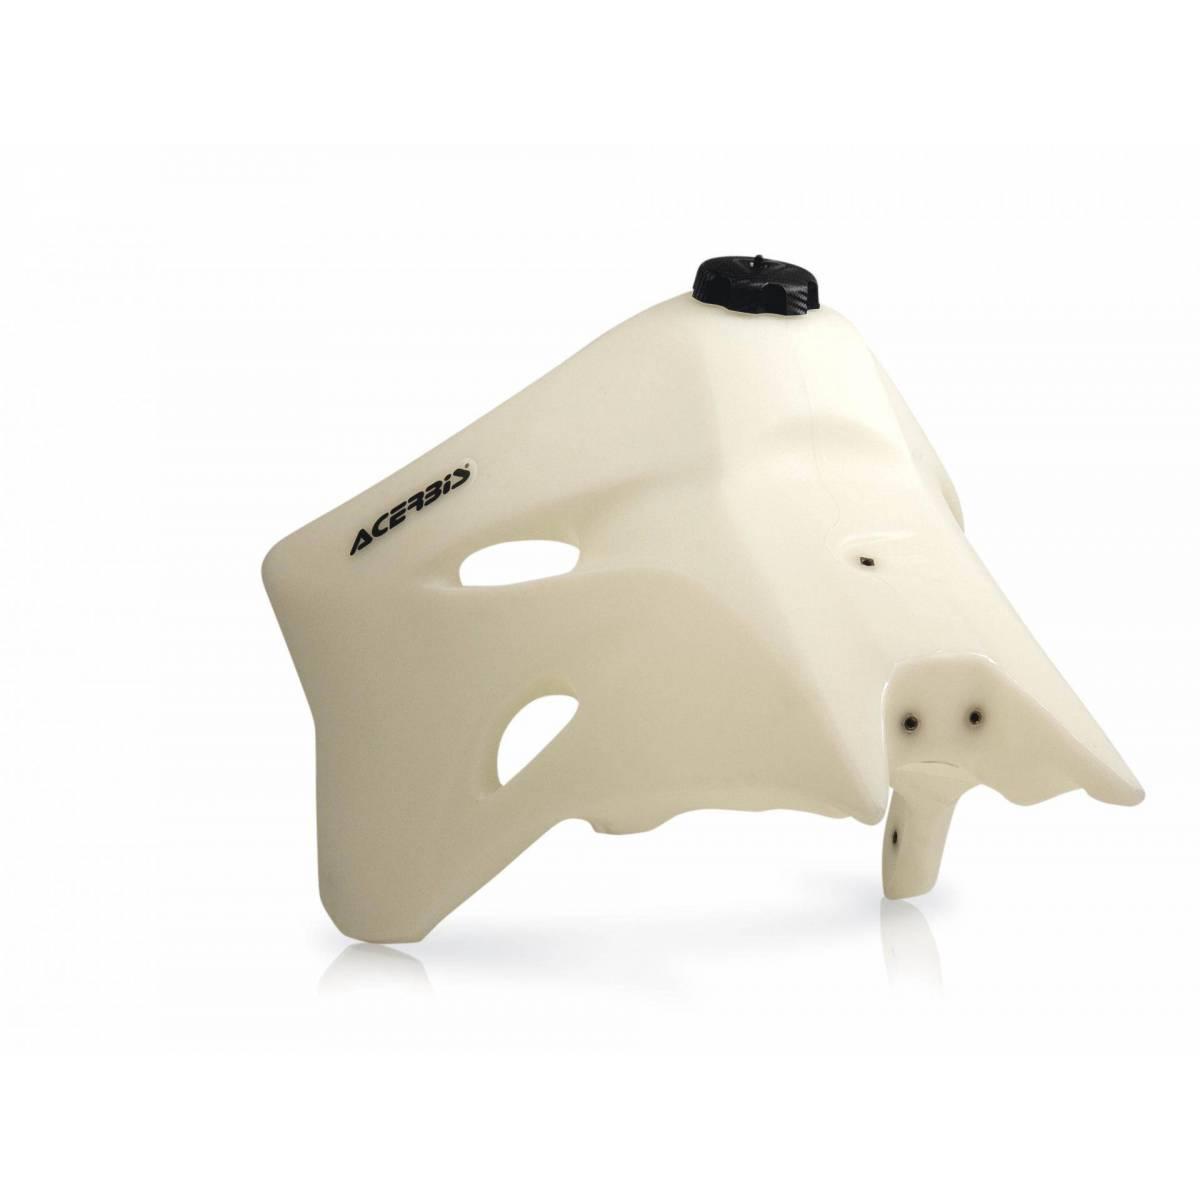 0010930-120 - Deposito Acerbis Yamaha Yzf Wrf 250 450 06 09 12.5 Litros Transparente